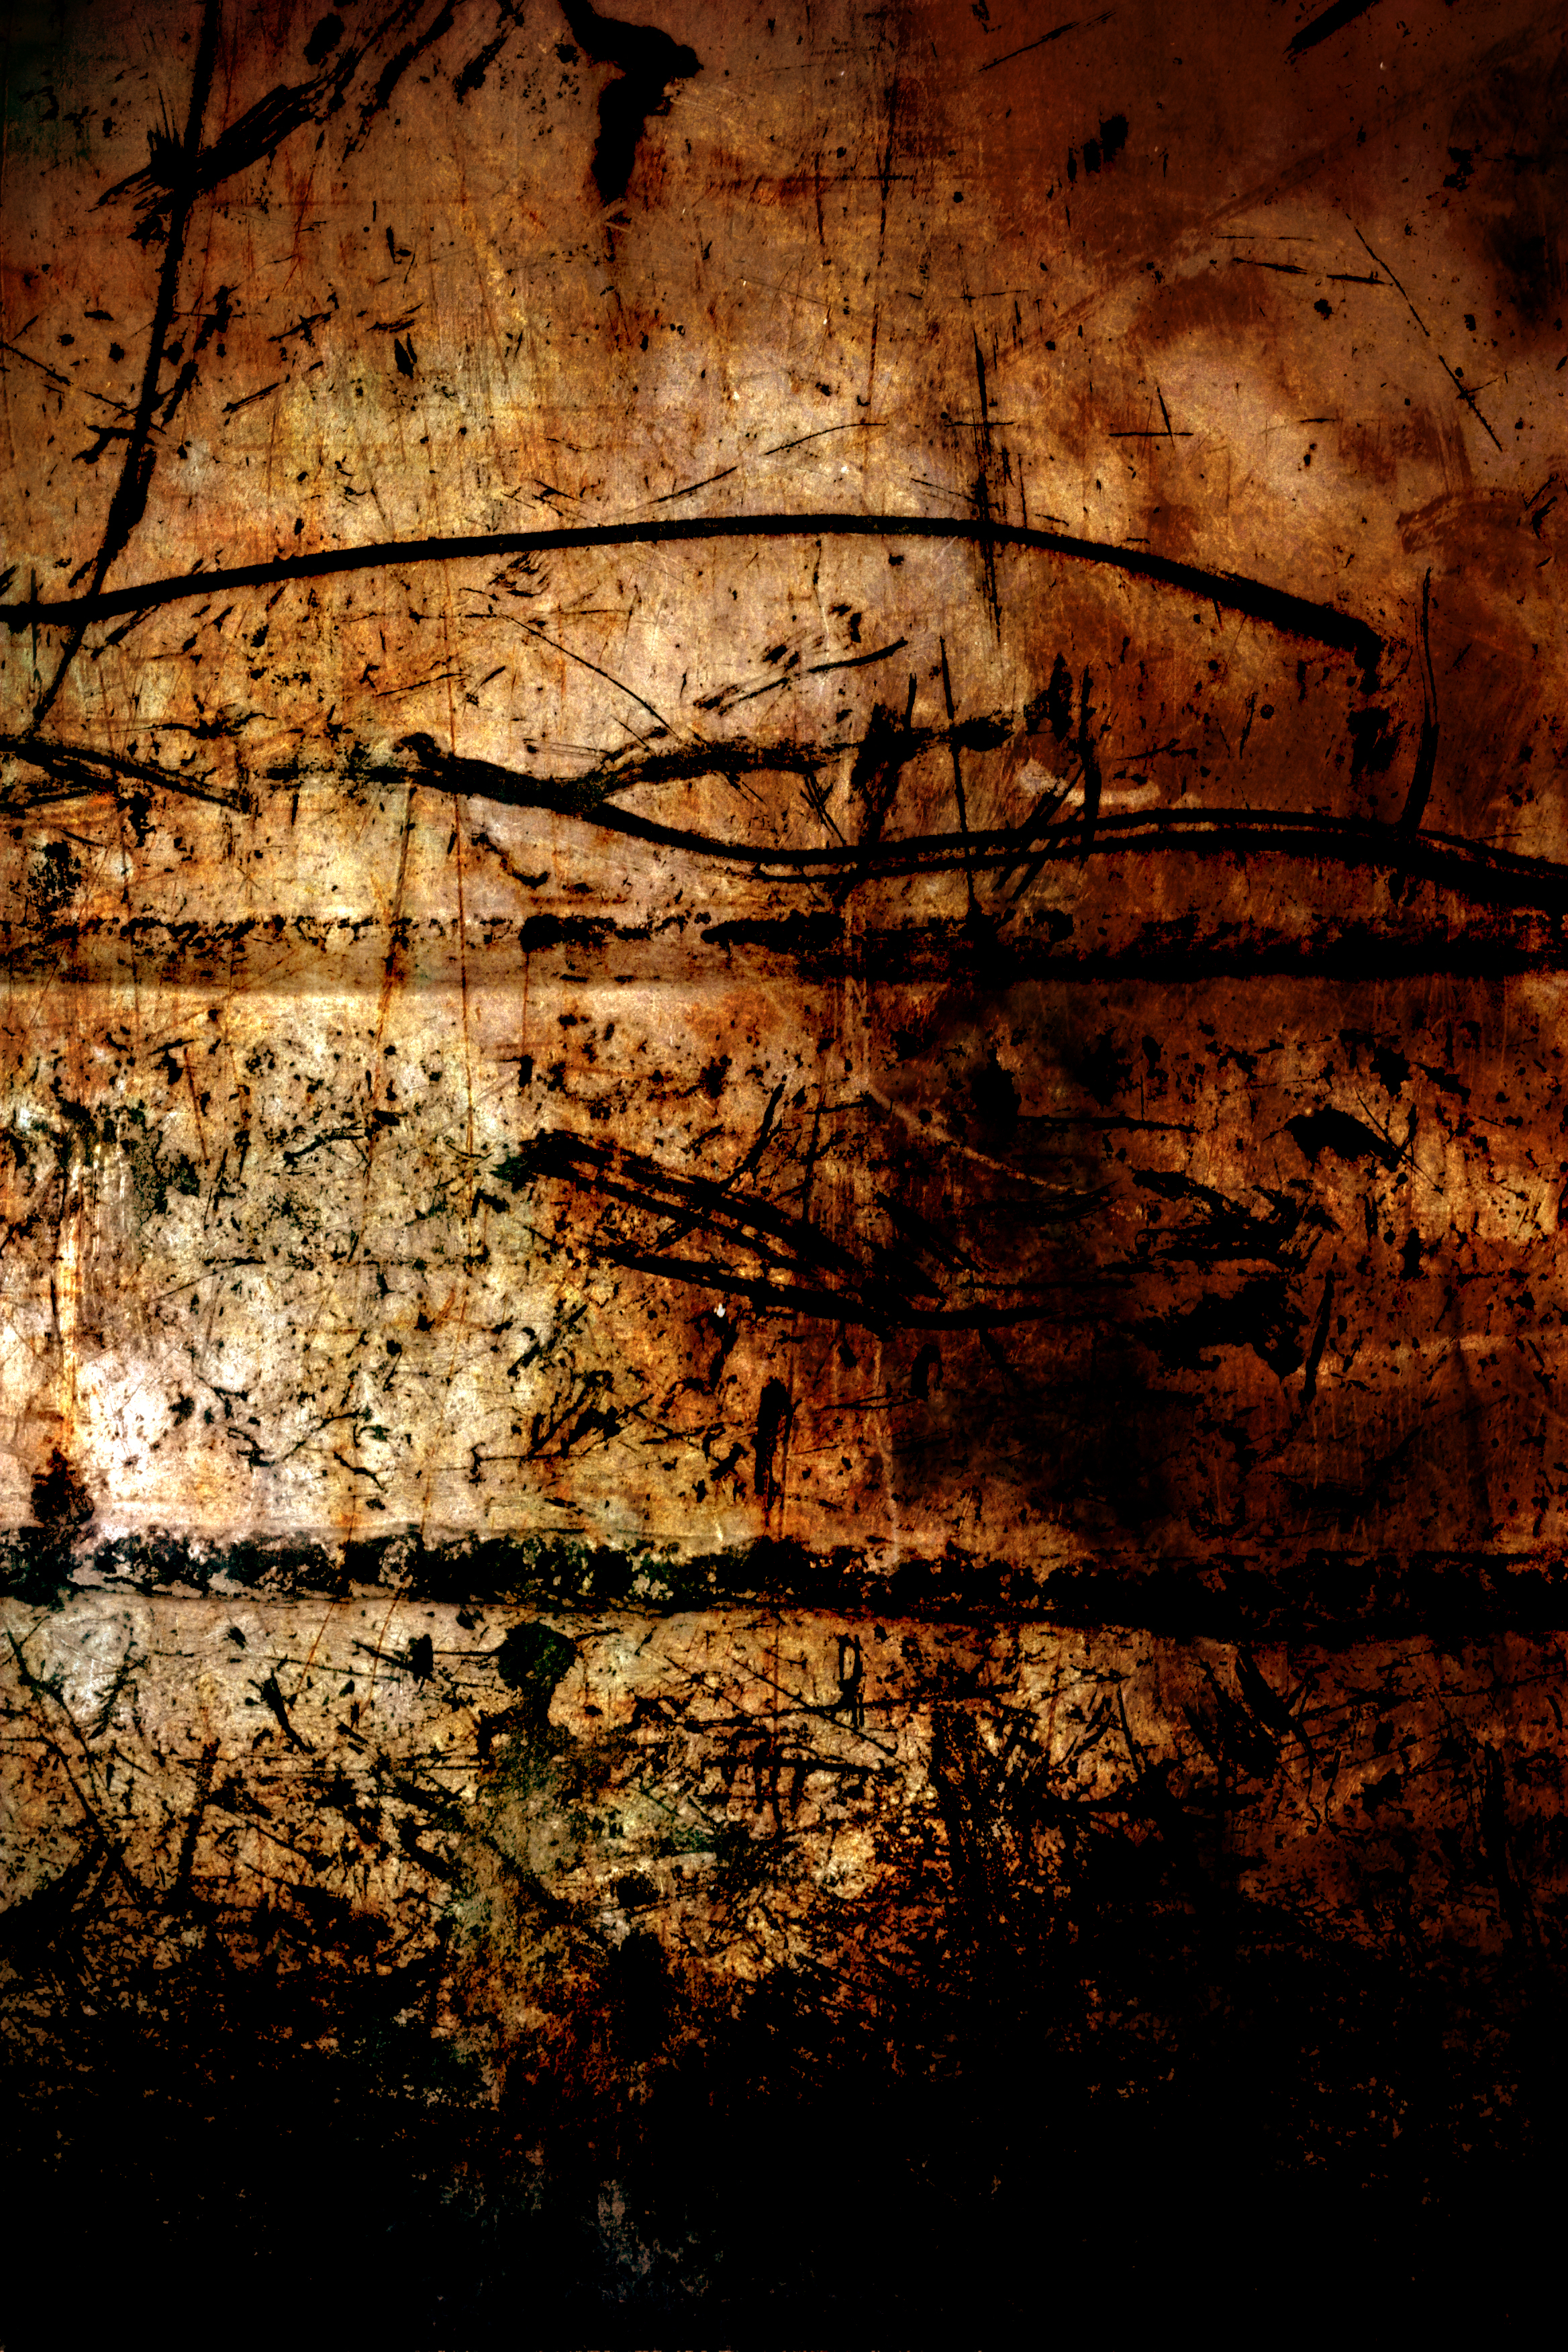 Grunge Texture, Black, Brown, Damaged, Dark, HQ Photo